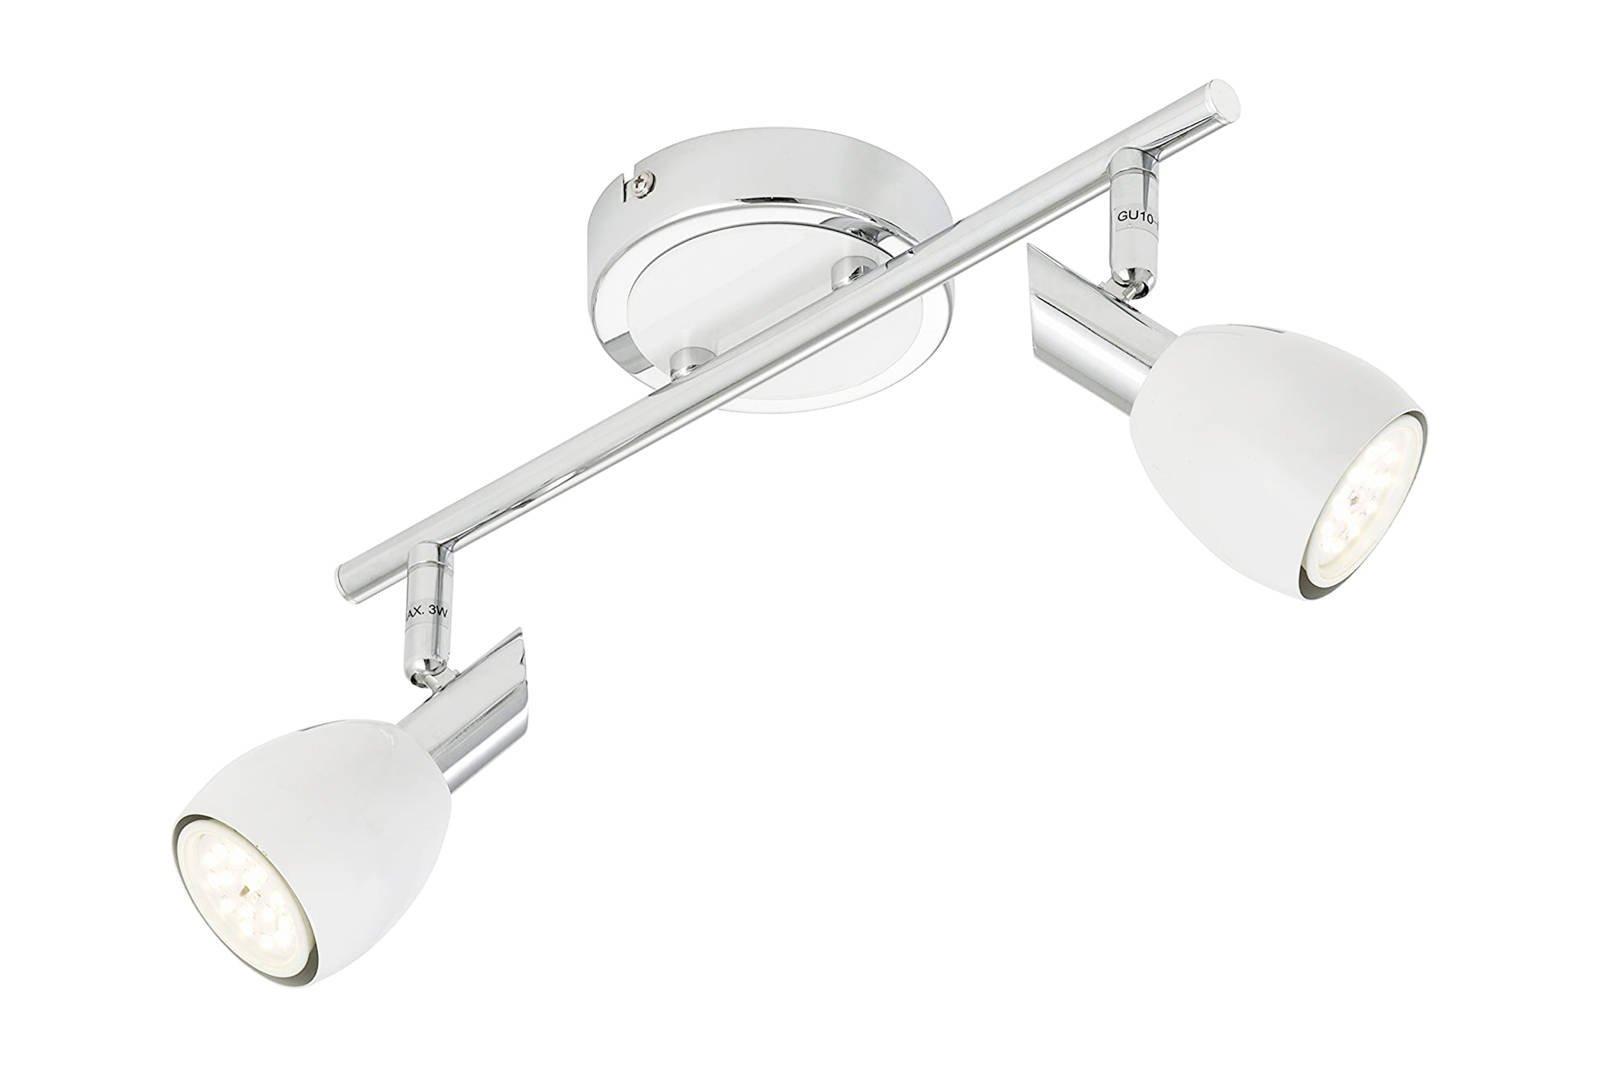 Ceiling lamp Briloner 2908-026 Combi 2x 5W LED